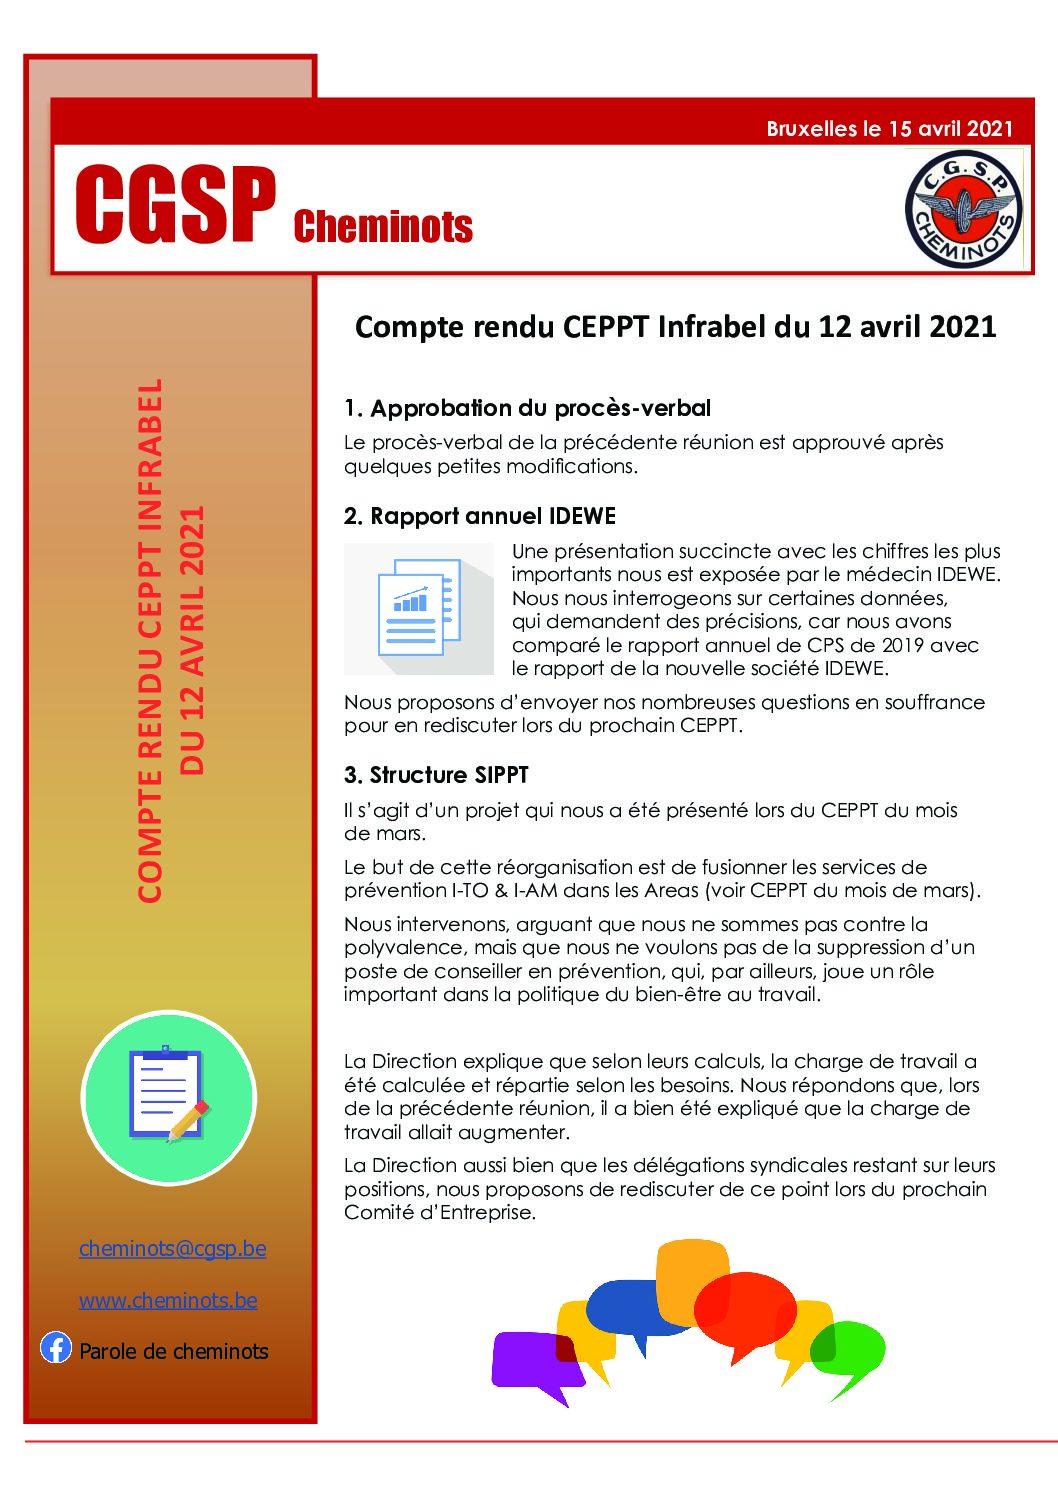 Compte-rendu CEPPT Infrabel 12 avril 2021